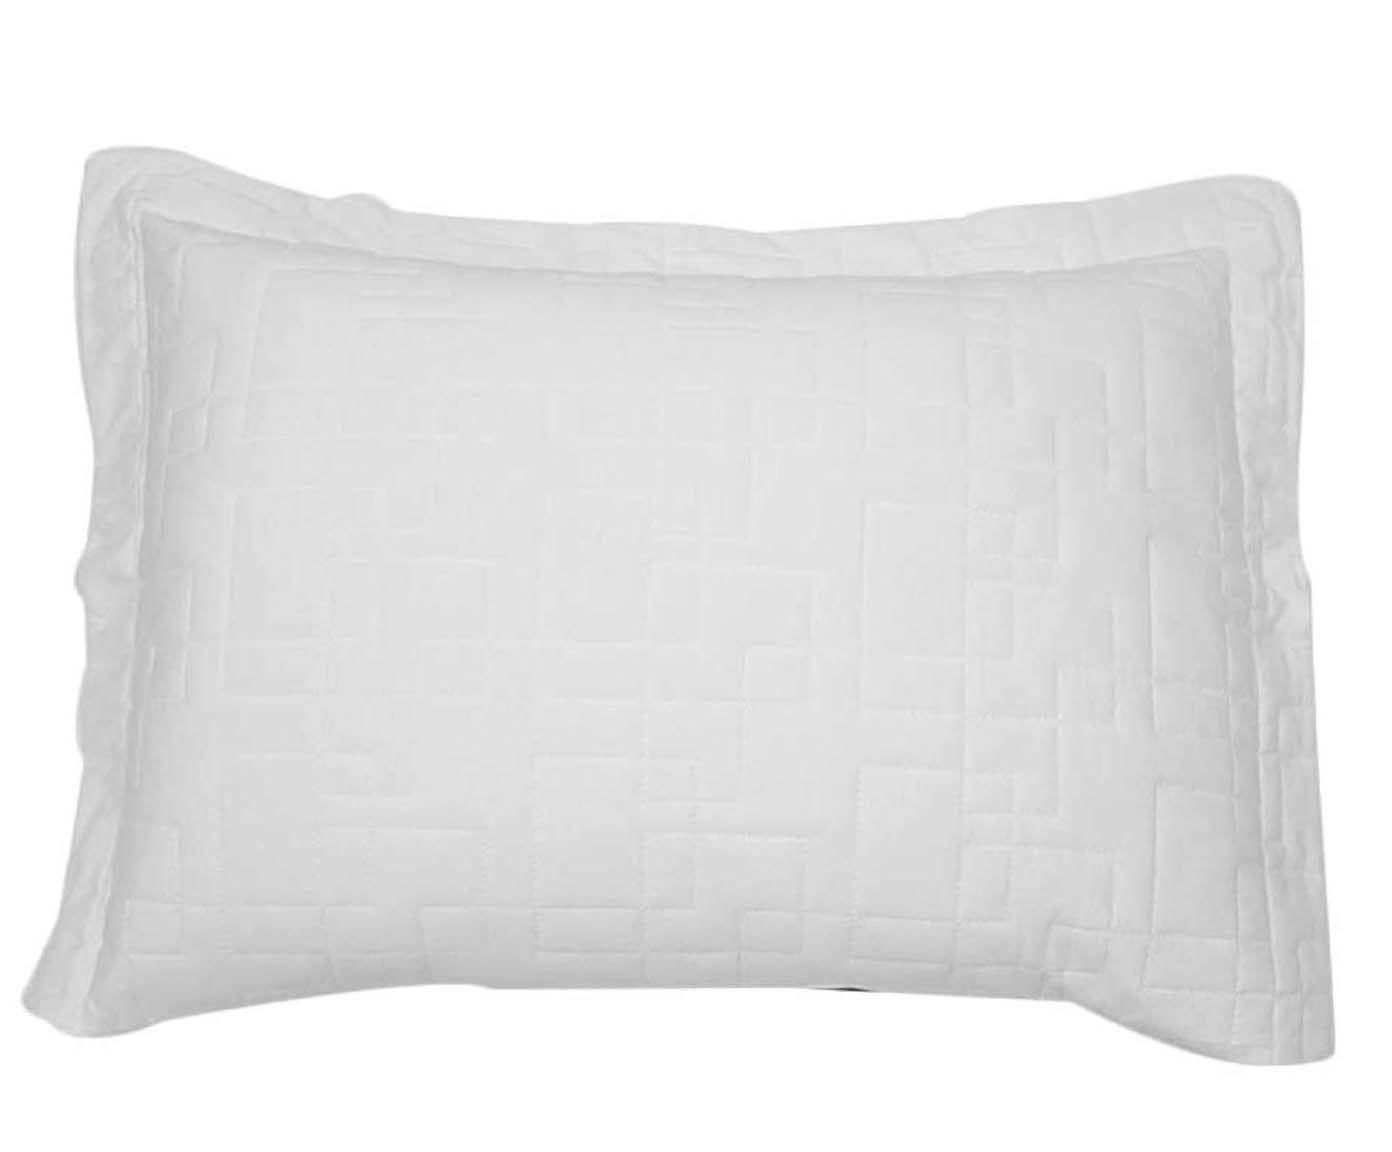 Porta-travesseiro colorado union - 53x75cm | Westwing.com.br